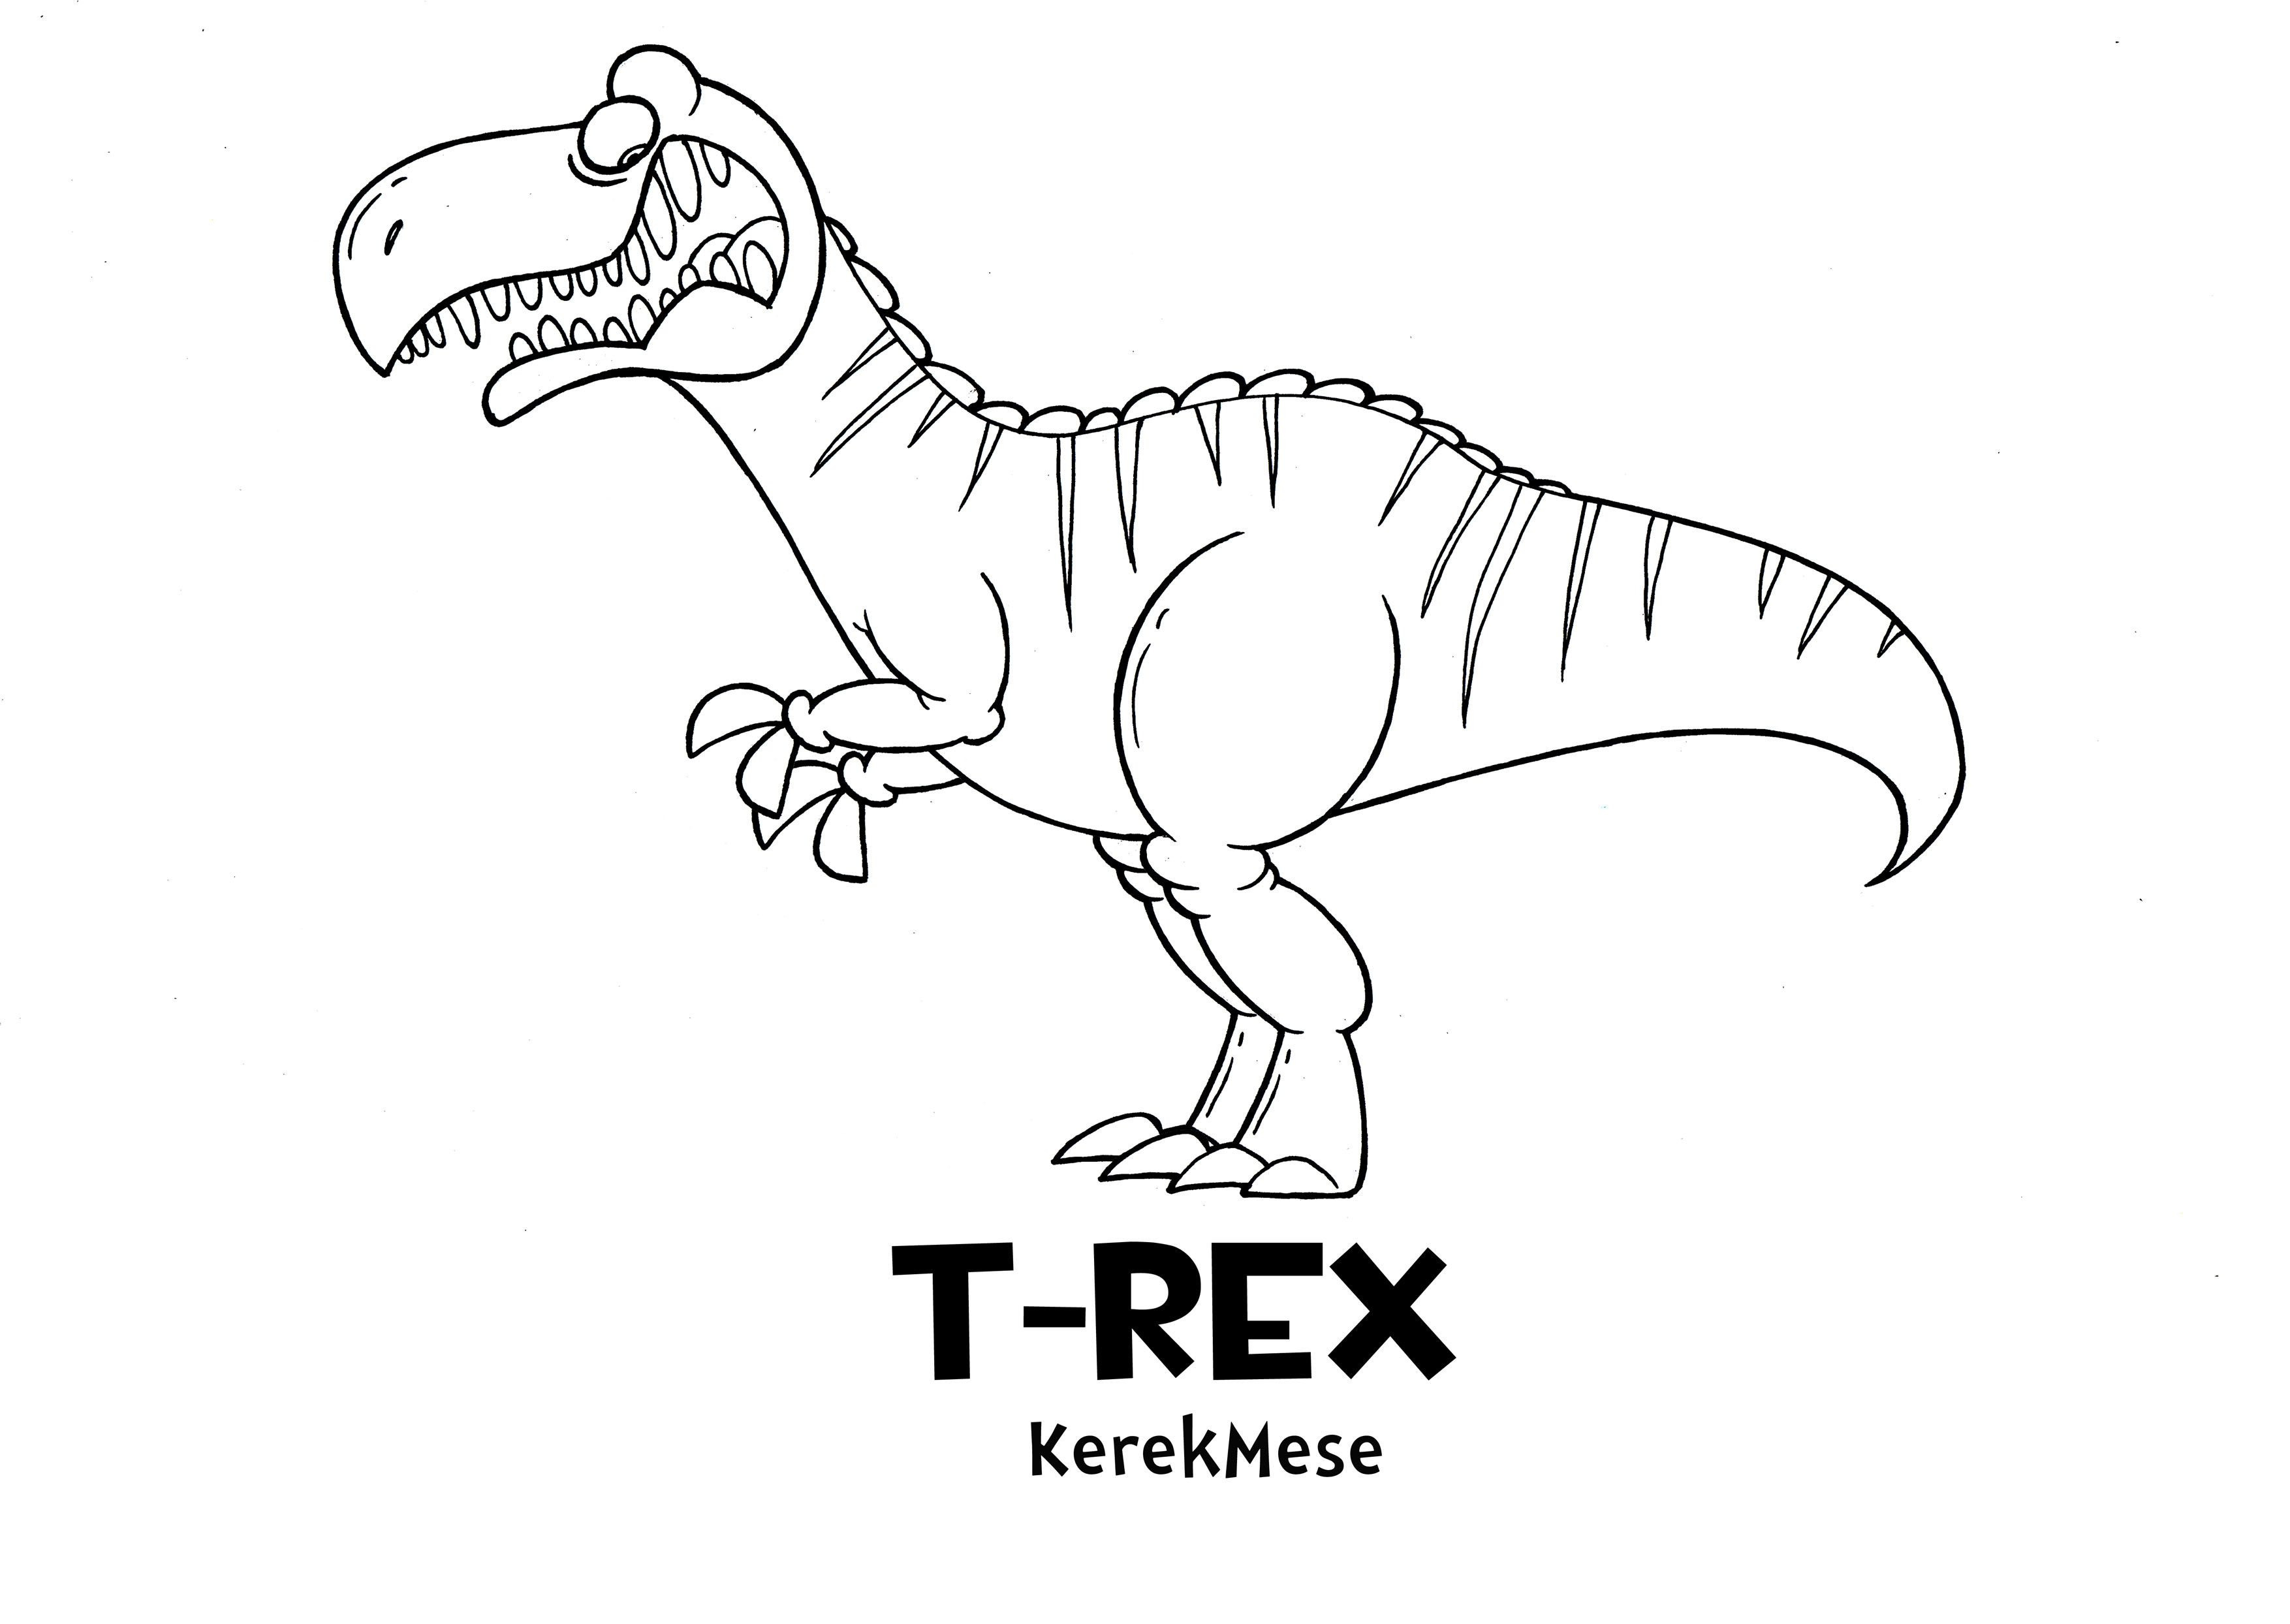 Tyrannosaurus Rex Ausmalbild Einzigartig 38 Ausmalbilder Winter Gratis Scoredatscore Luxus T Rex Ausmalbilder Sammlung